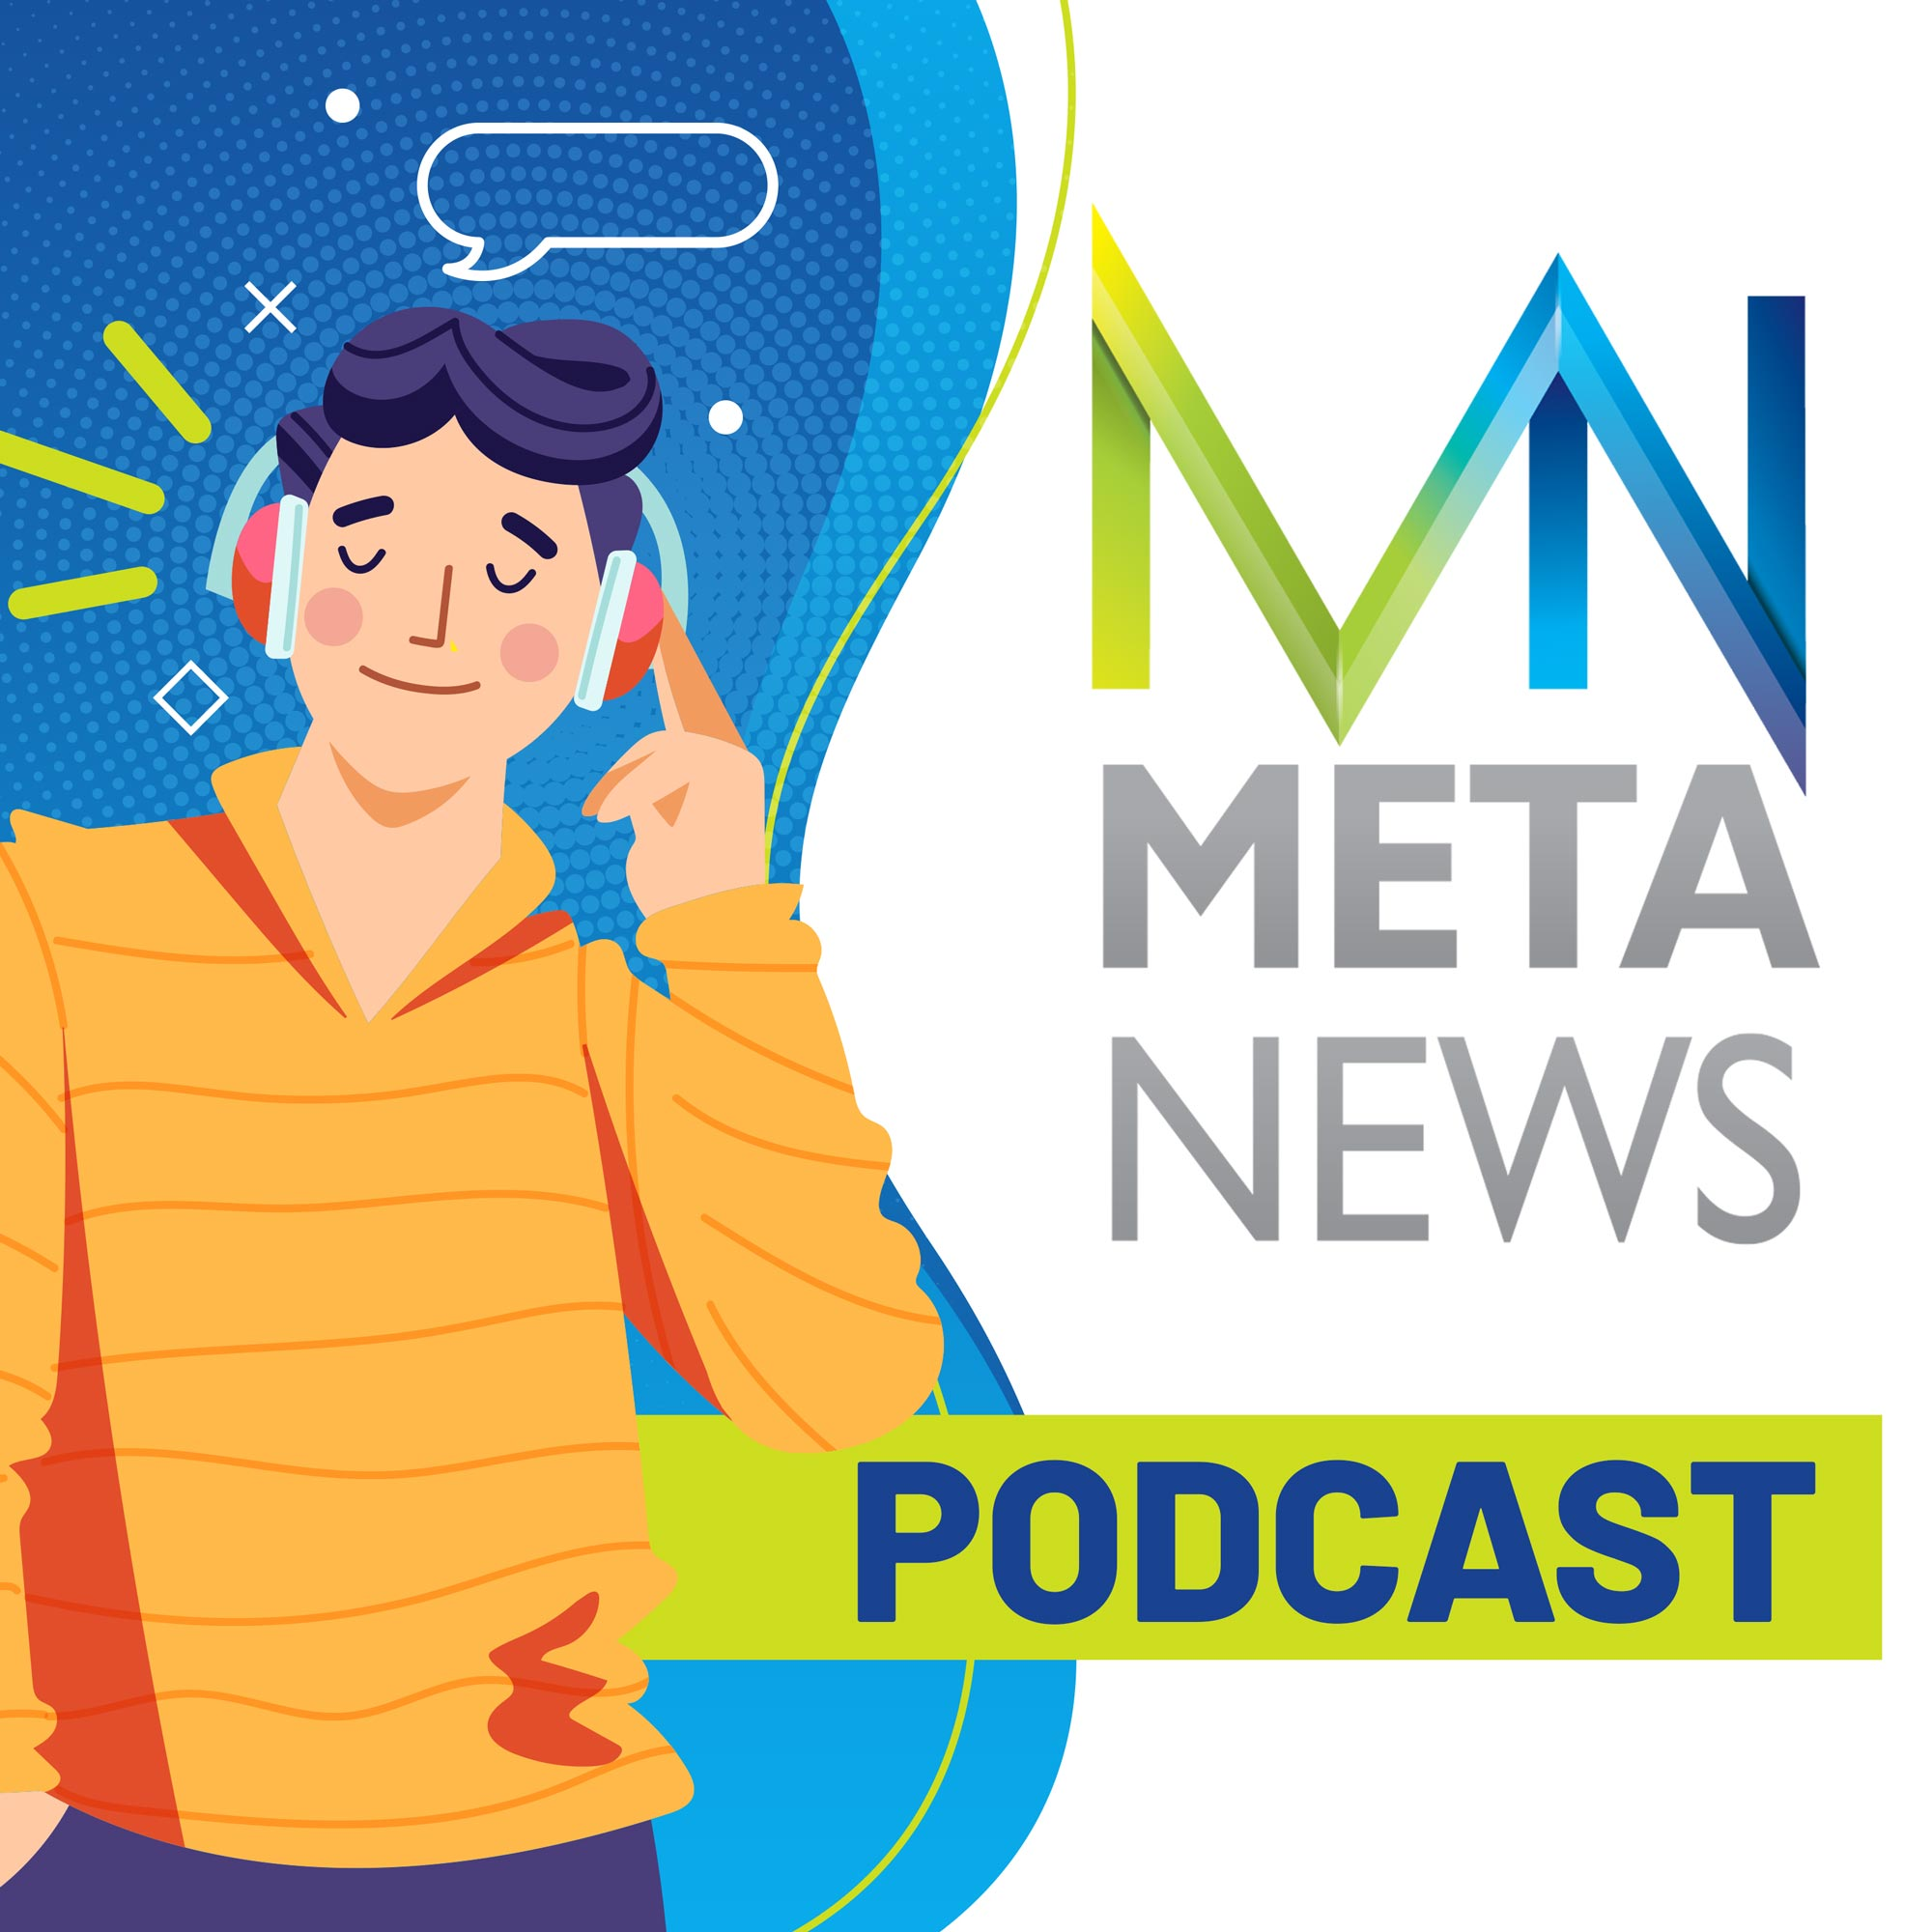 Imagem do Meta News